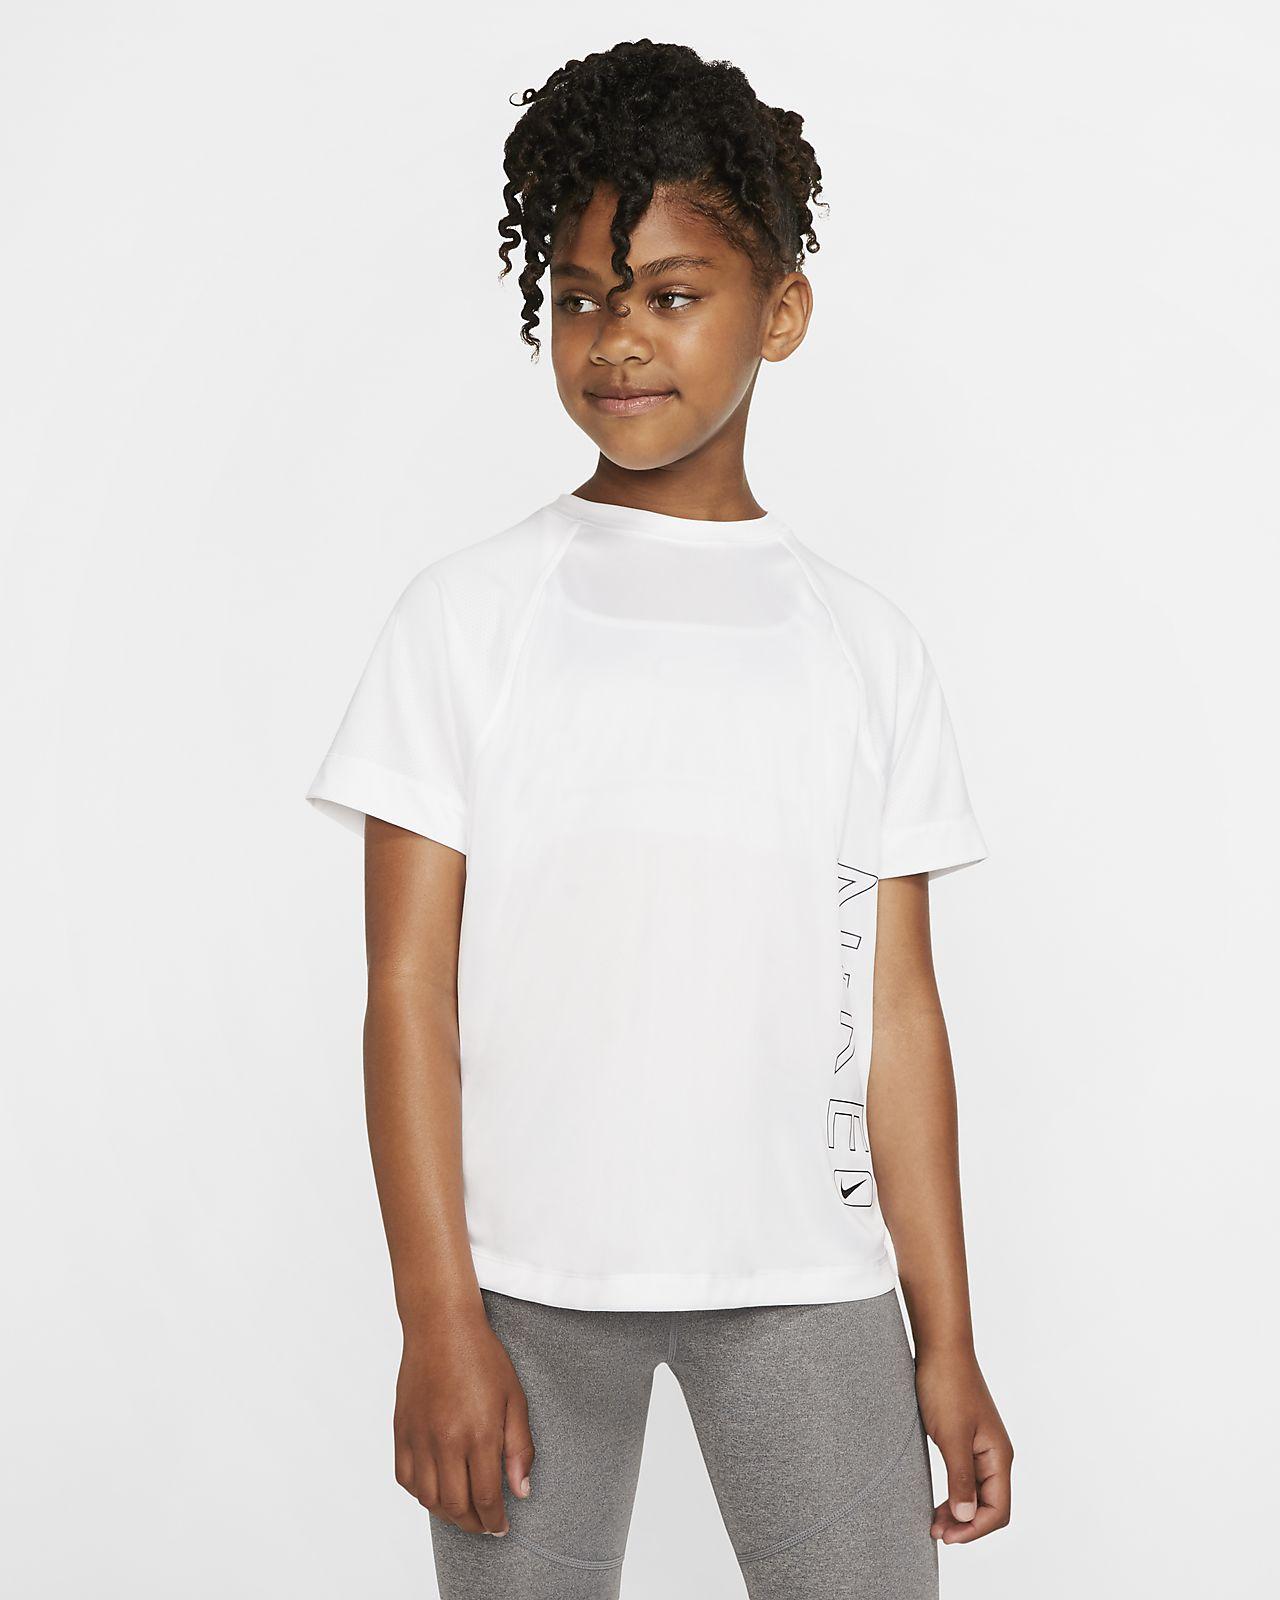 Κοντομάνικη μπλούζα προπόνησης με σχέδιο Nike Dri-FIT για μεγάλα κορίτσια